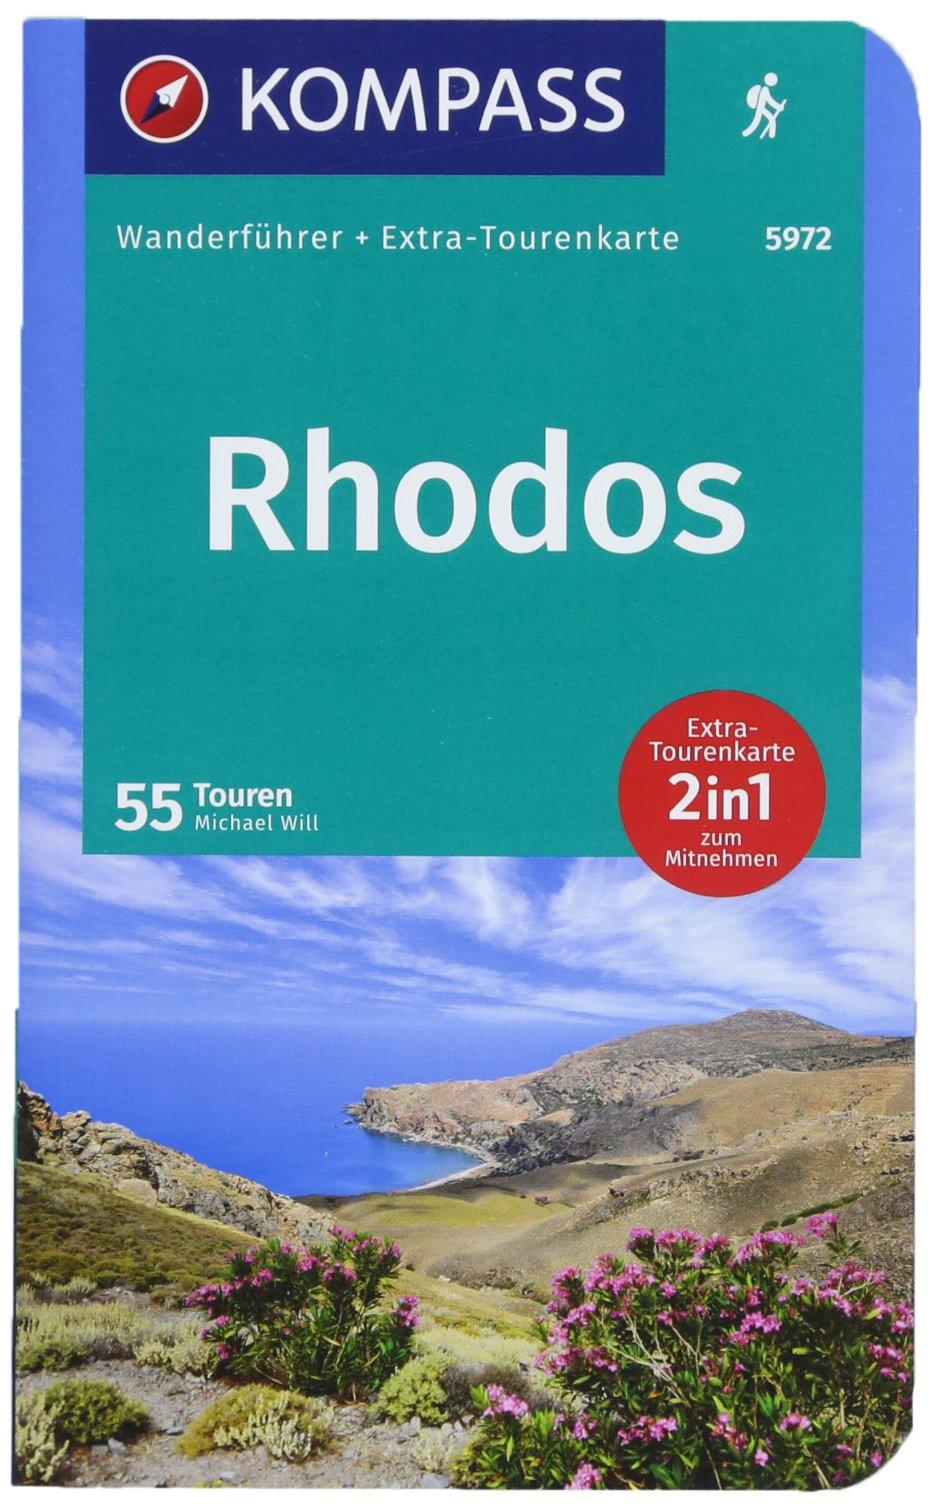 Rhodos: Wanderführer mit Extra-Tourenkarte 1:55000, 55 Touren, GPX-Daten zum Download. (KOMPASS-Wanderführer, Band 5972)